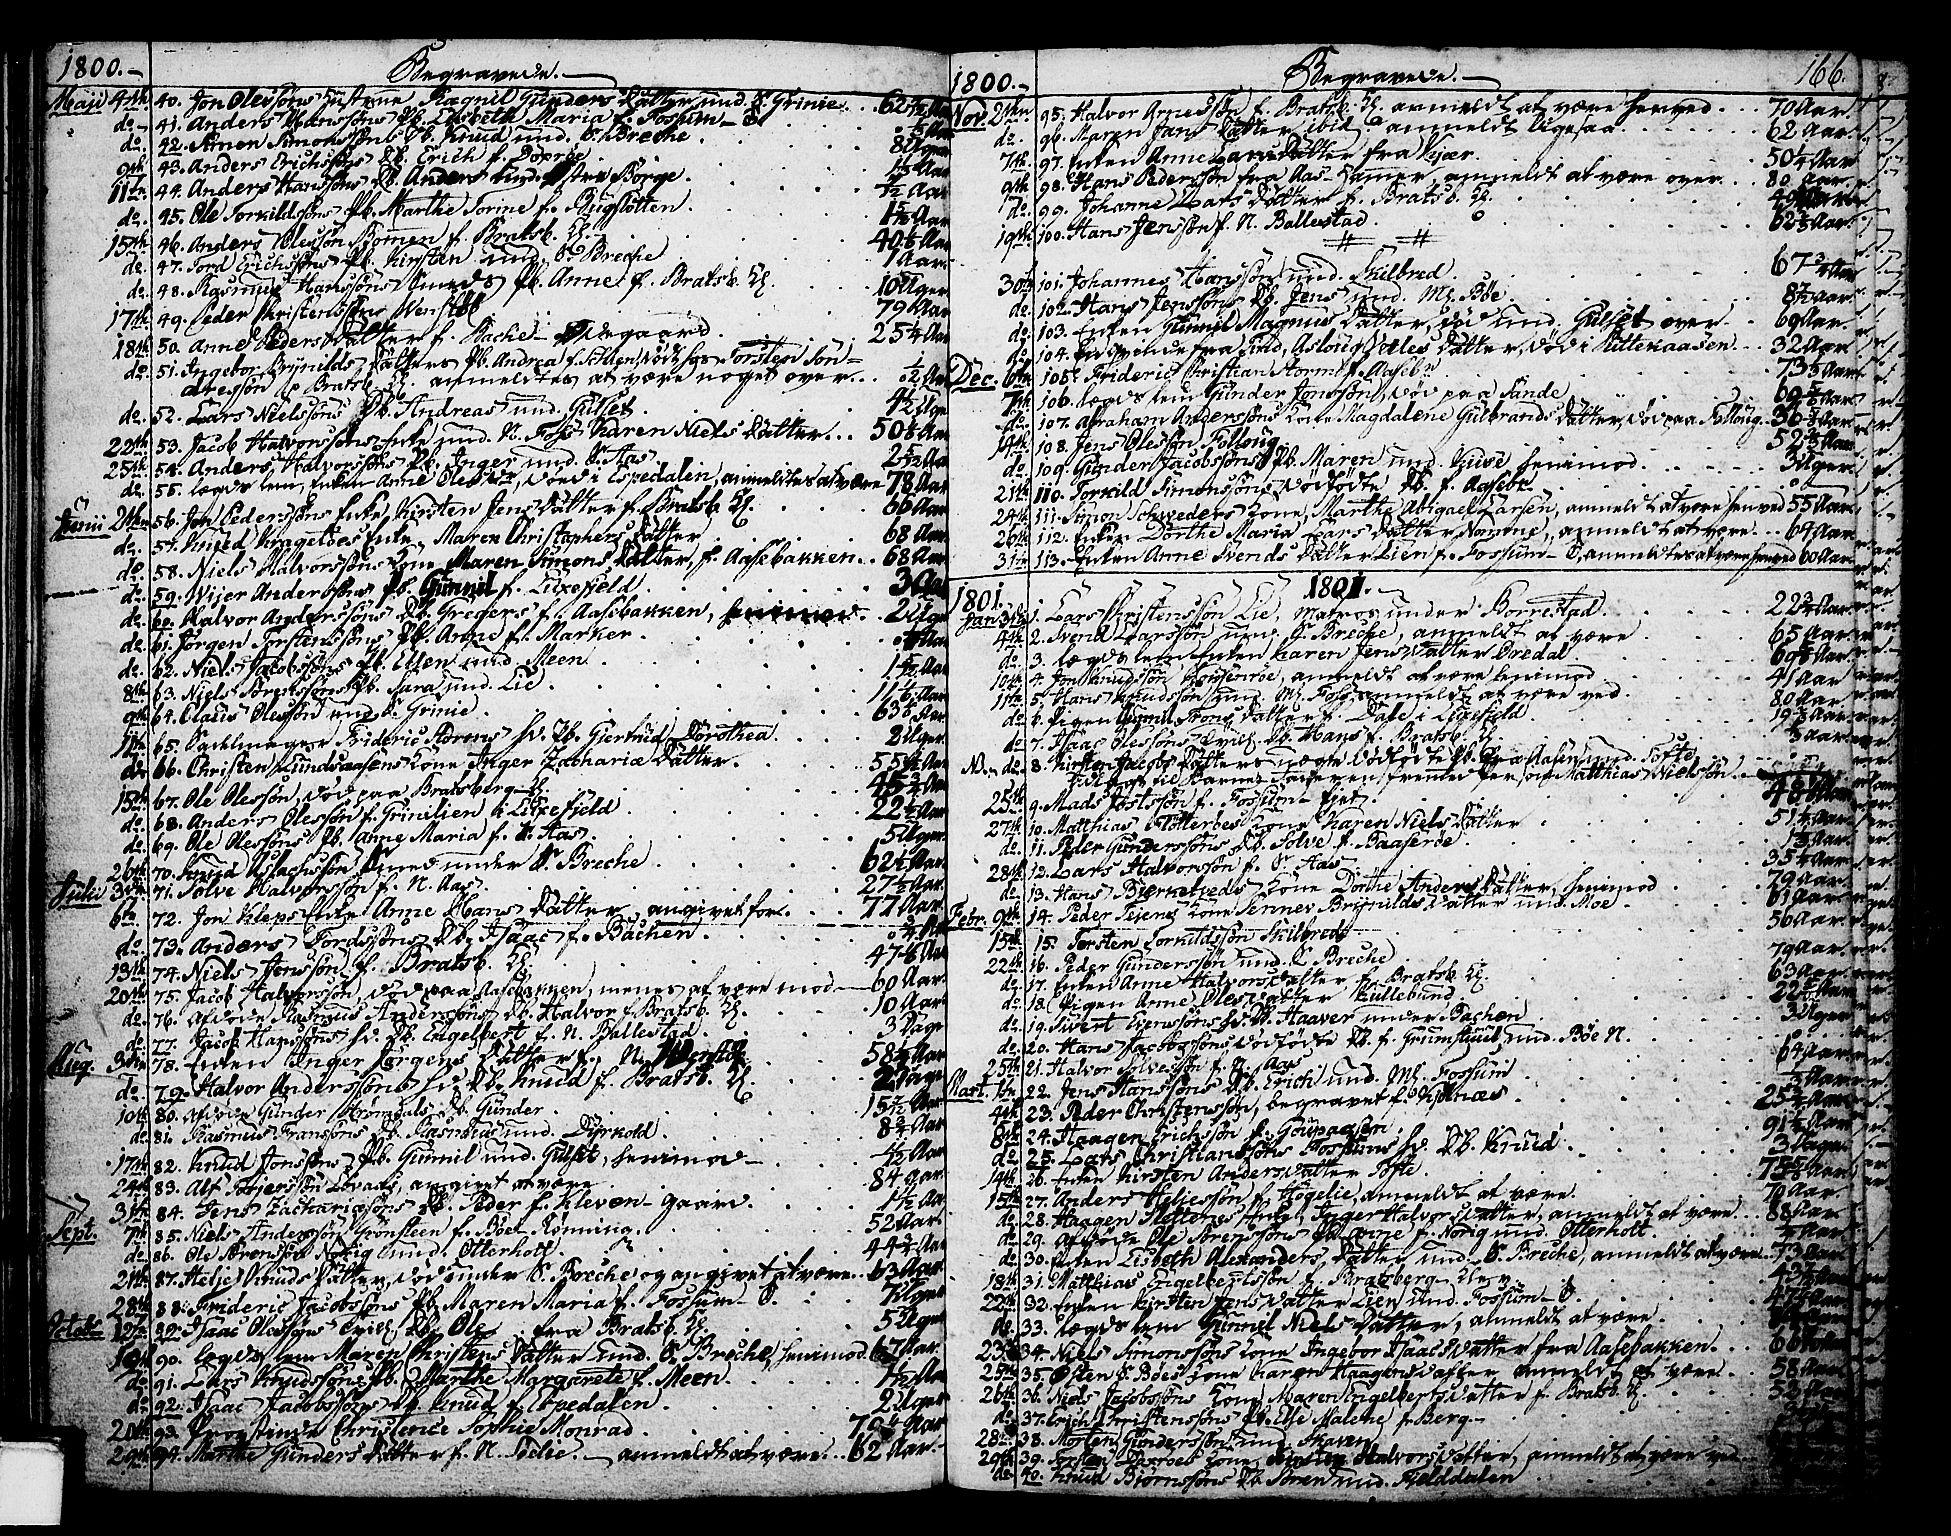 SAKO, Gjerpen kirkebøker, F/Fa/L0003: Ministerialbok nr. 3, 1796-1814, s. 166